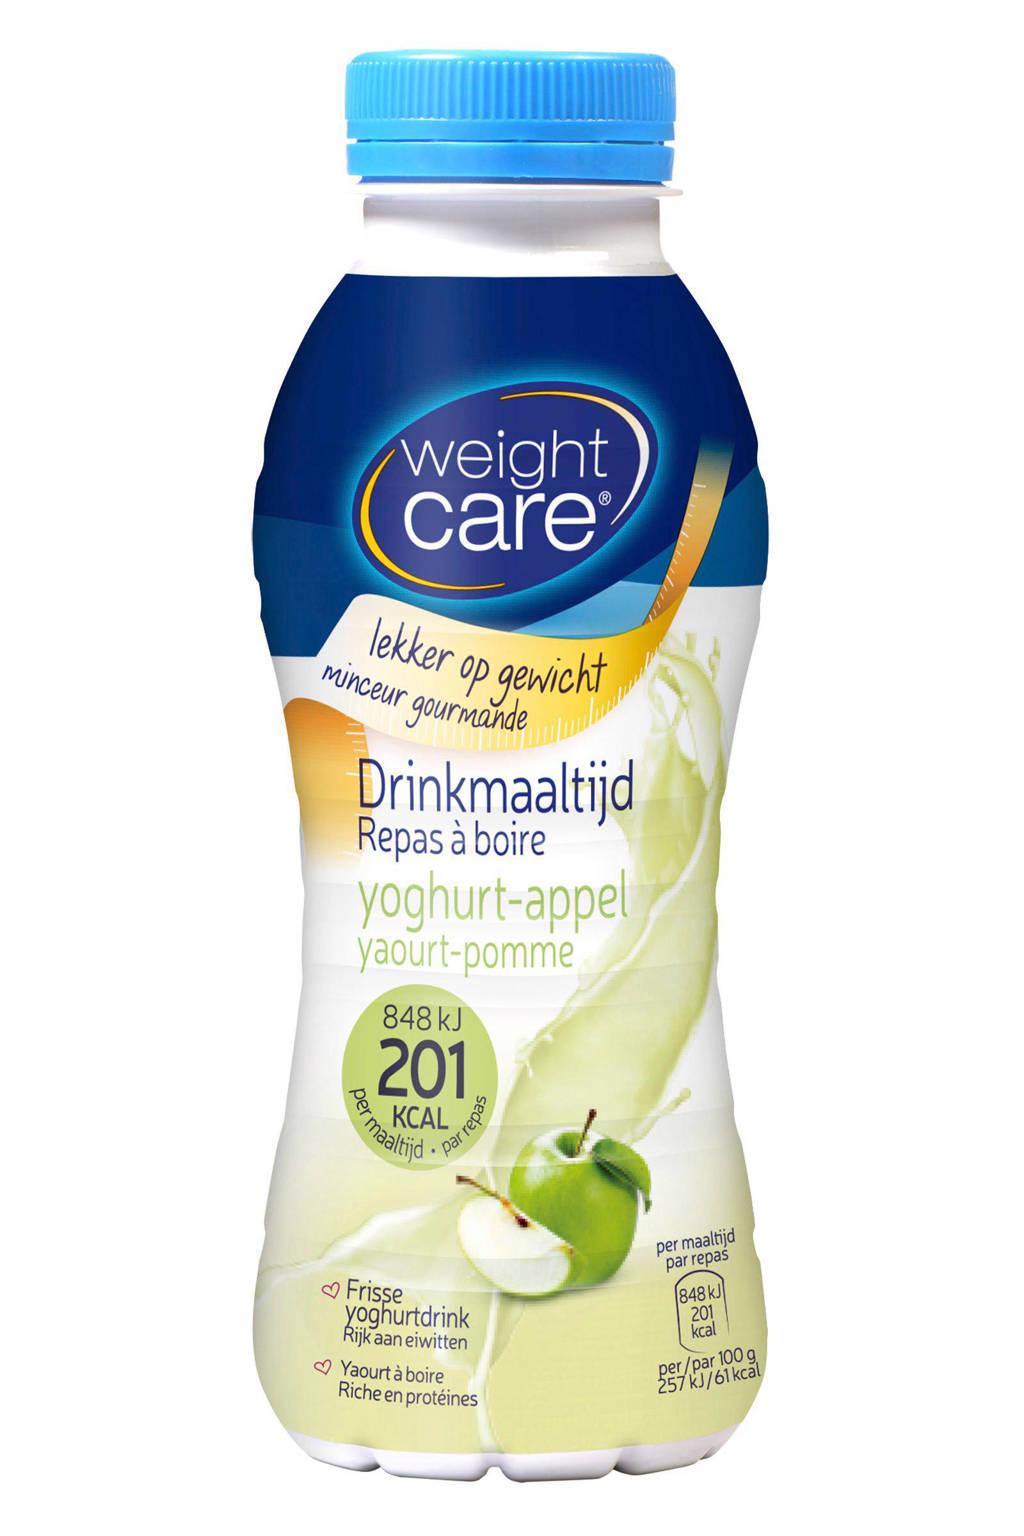 Weight Care drinkmaaltijd yoghurt-appel - 1 stuk